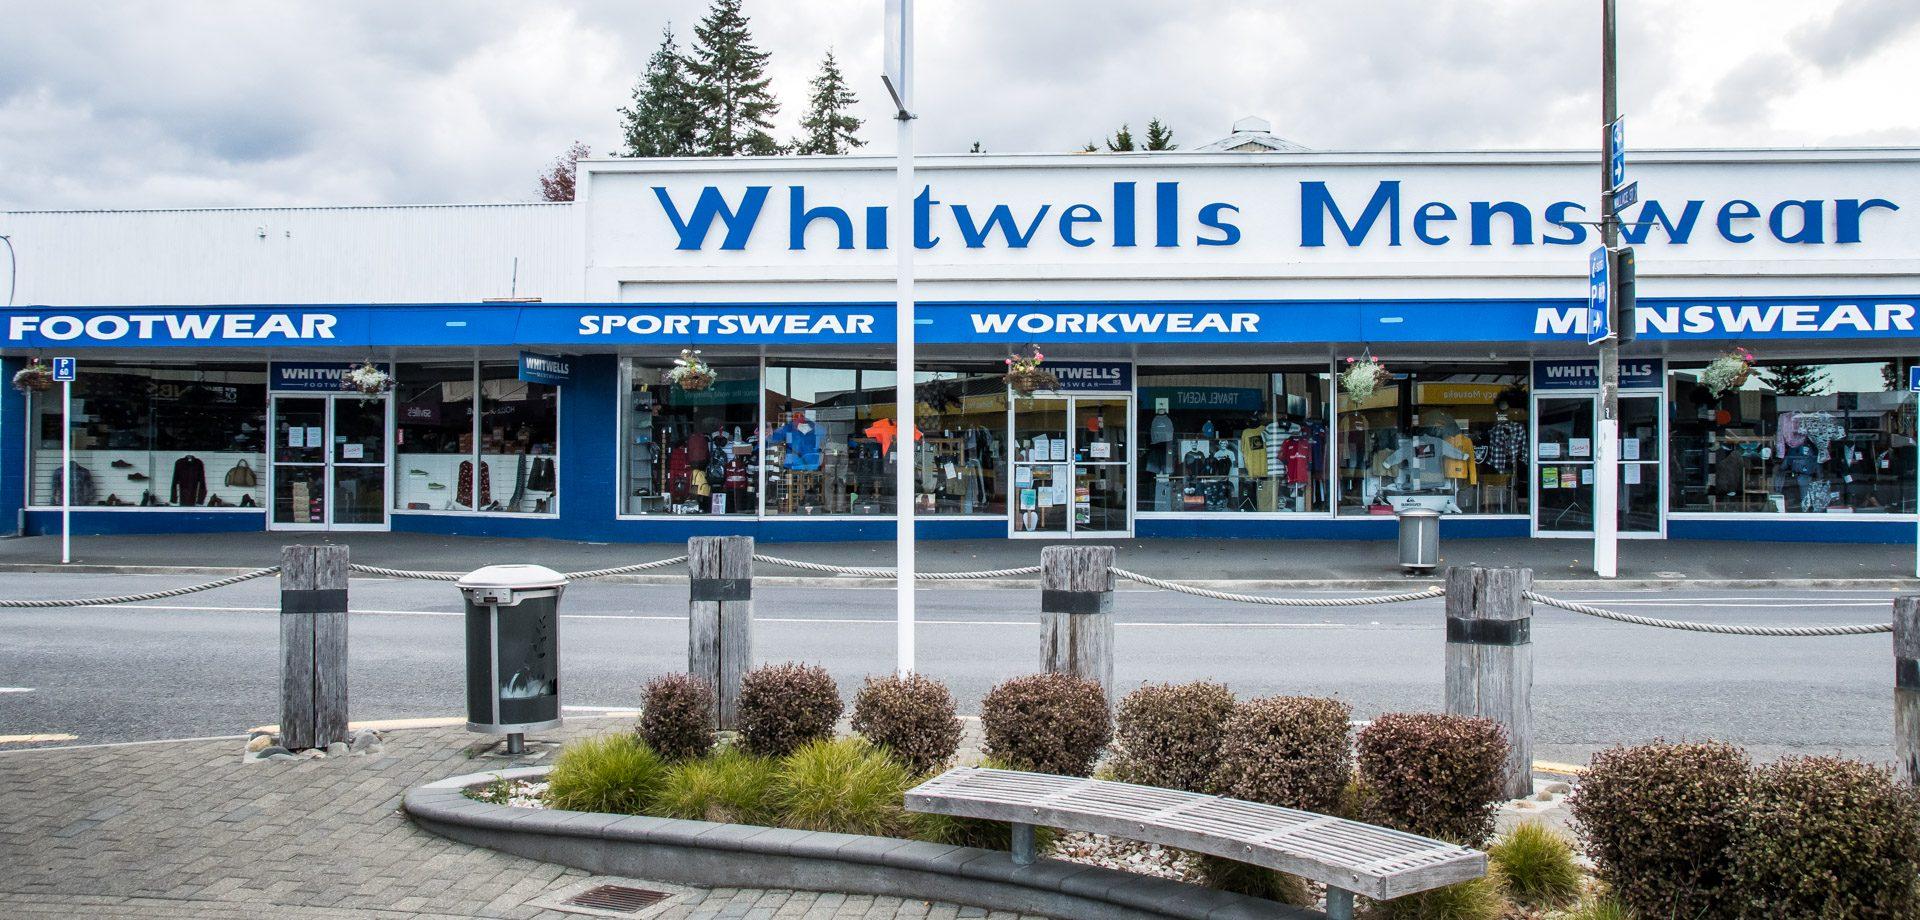 Whitwells Menswear